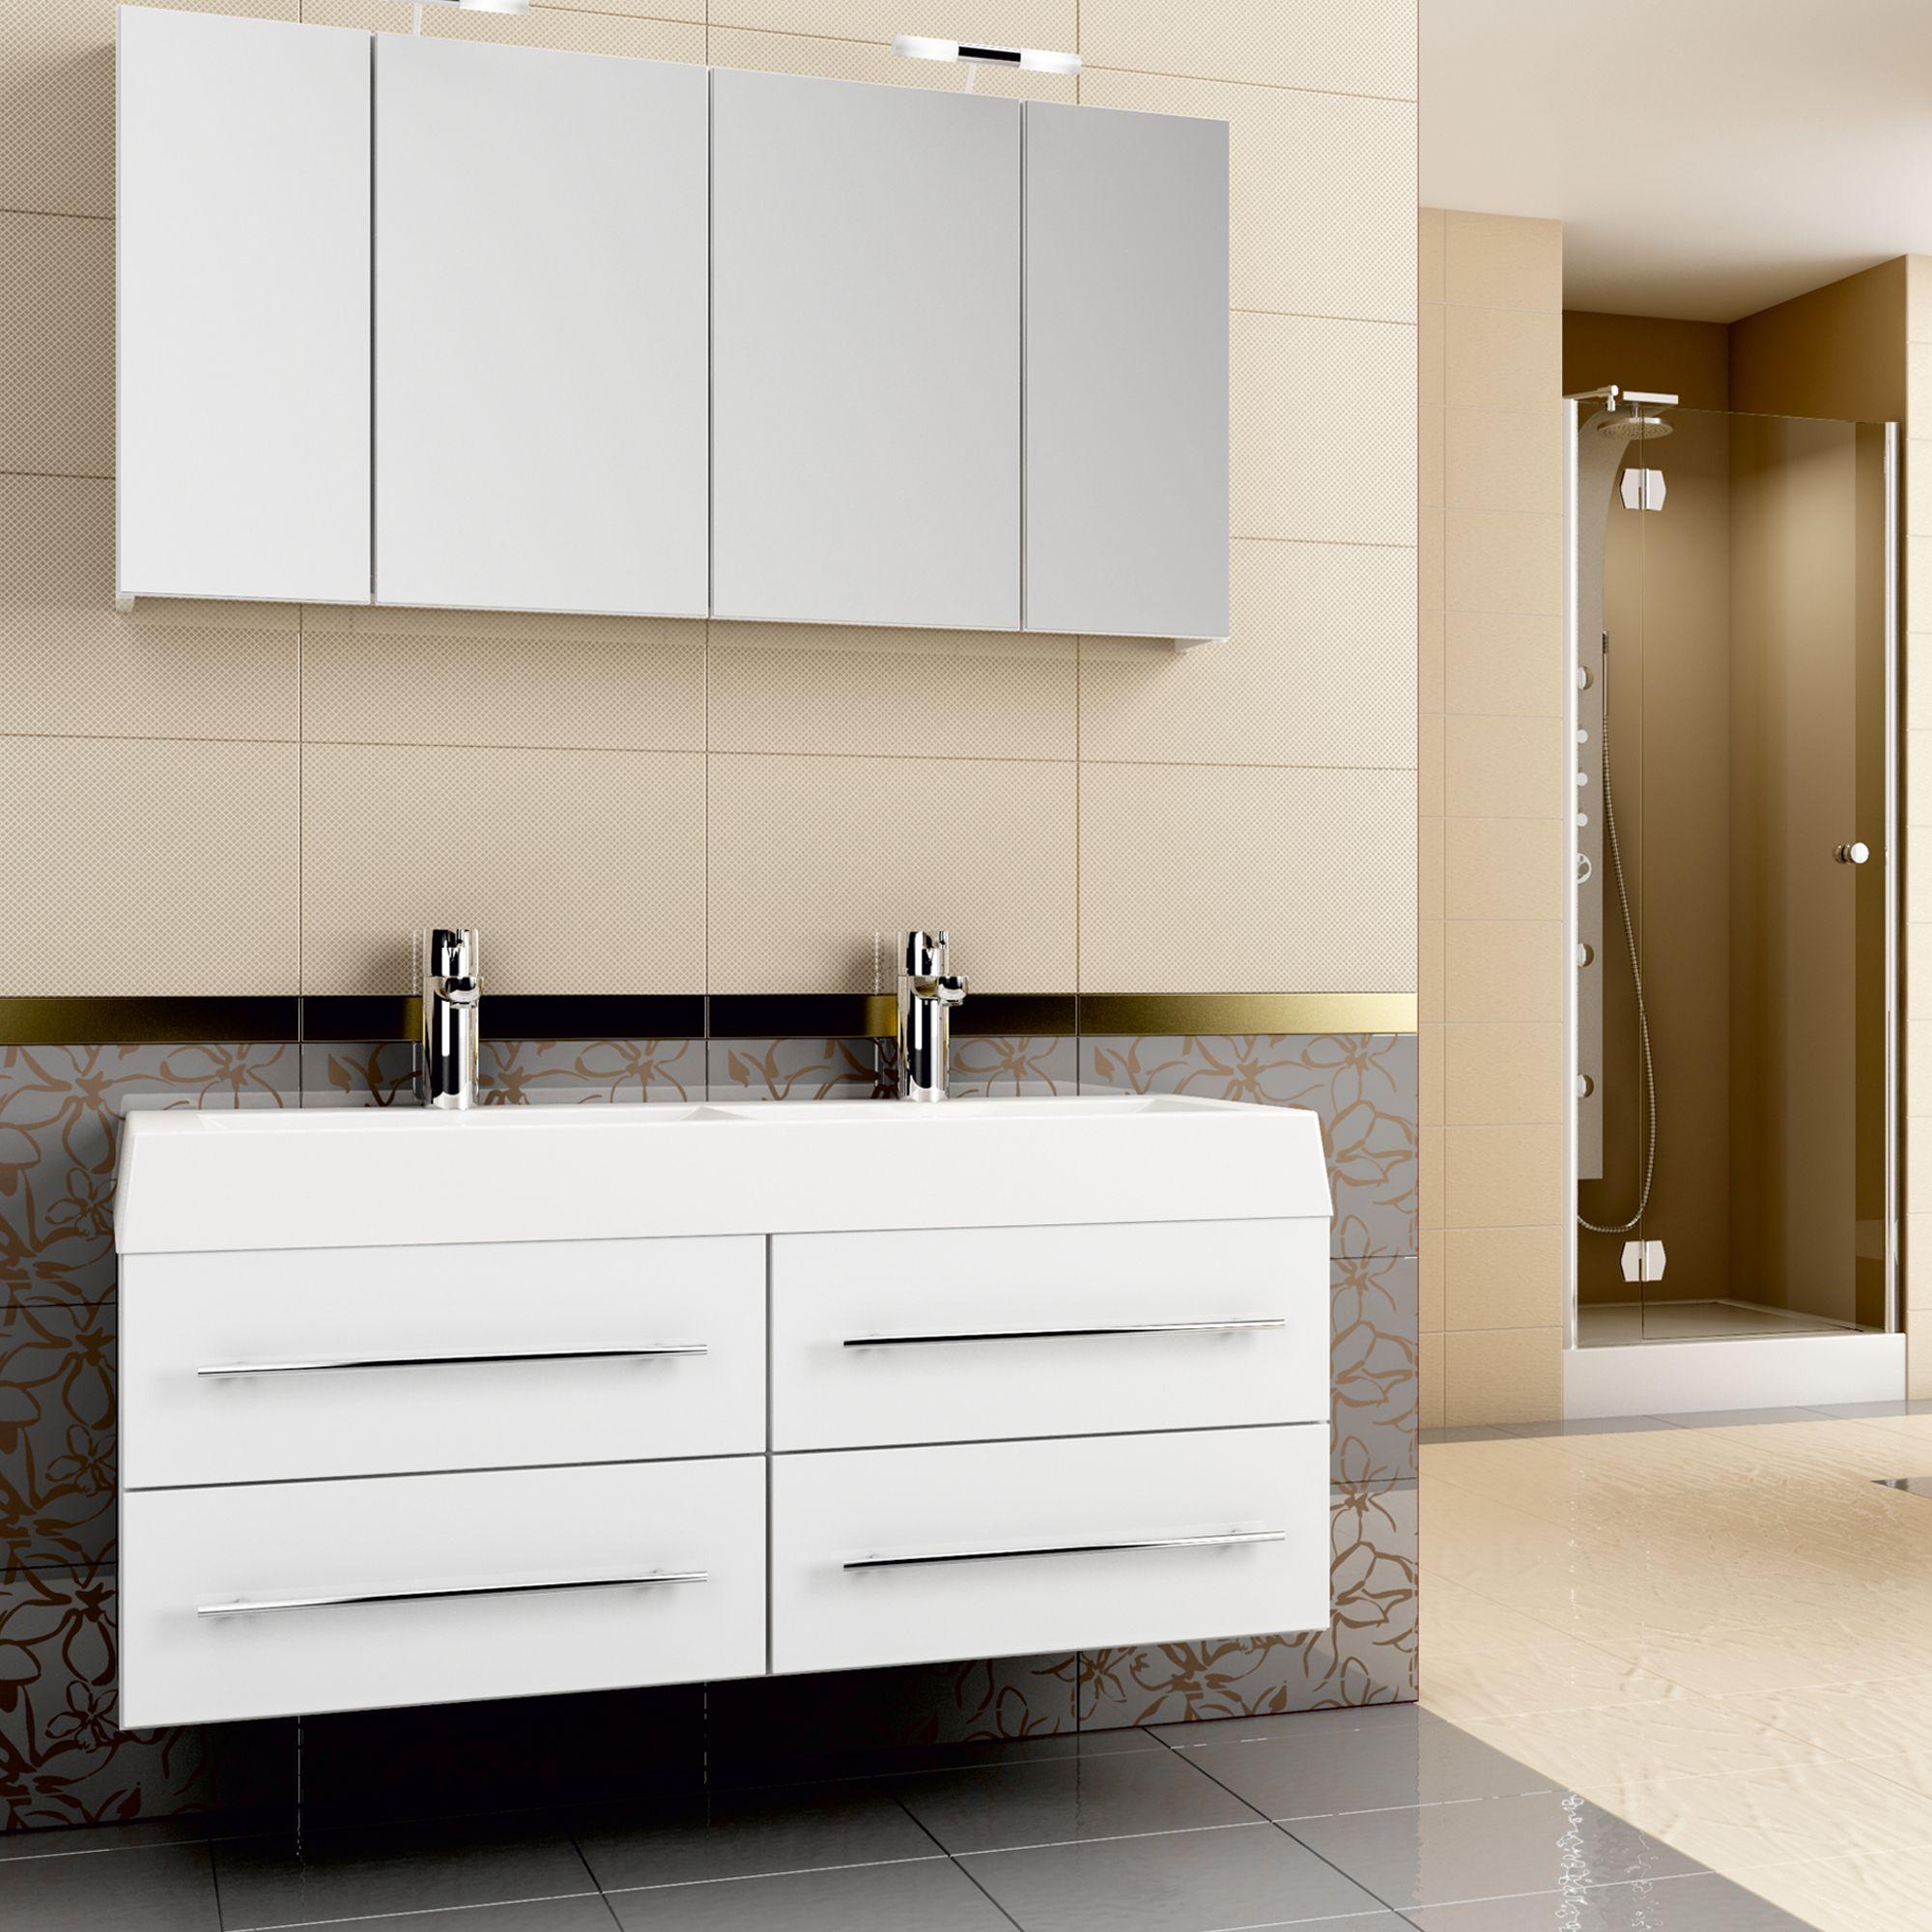 Pin By Badezimmer Ideen Eintagamsee On Gute Badideen Vanity